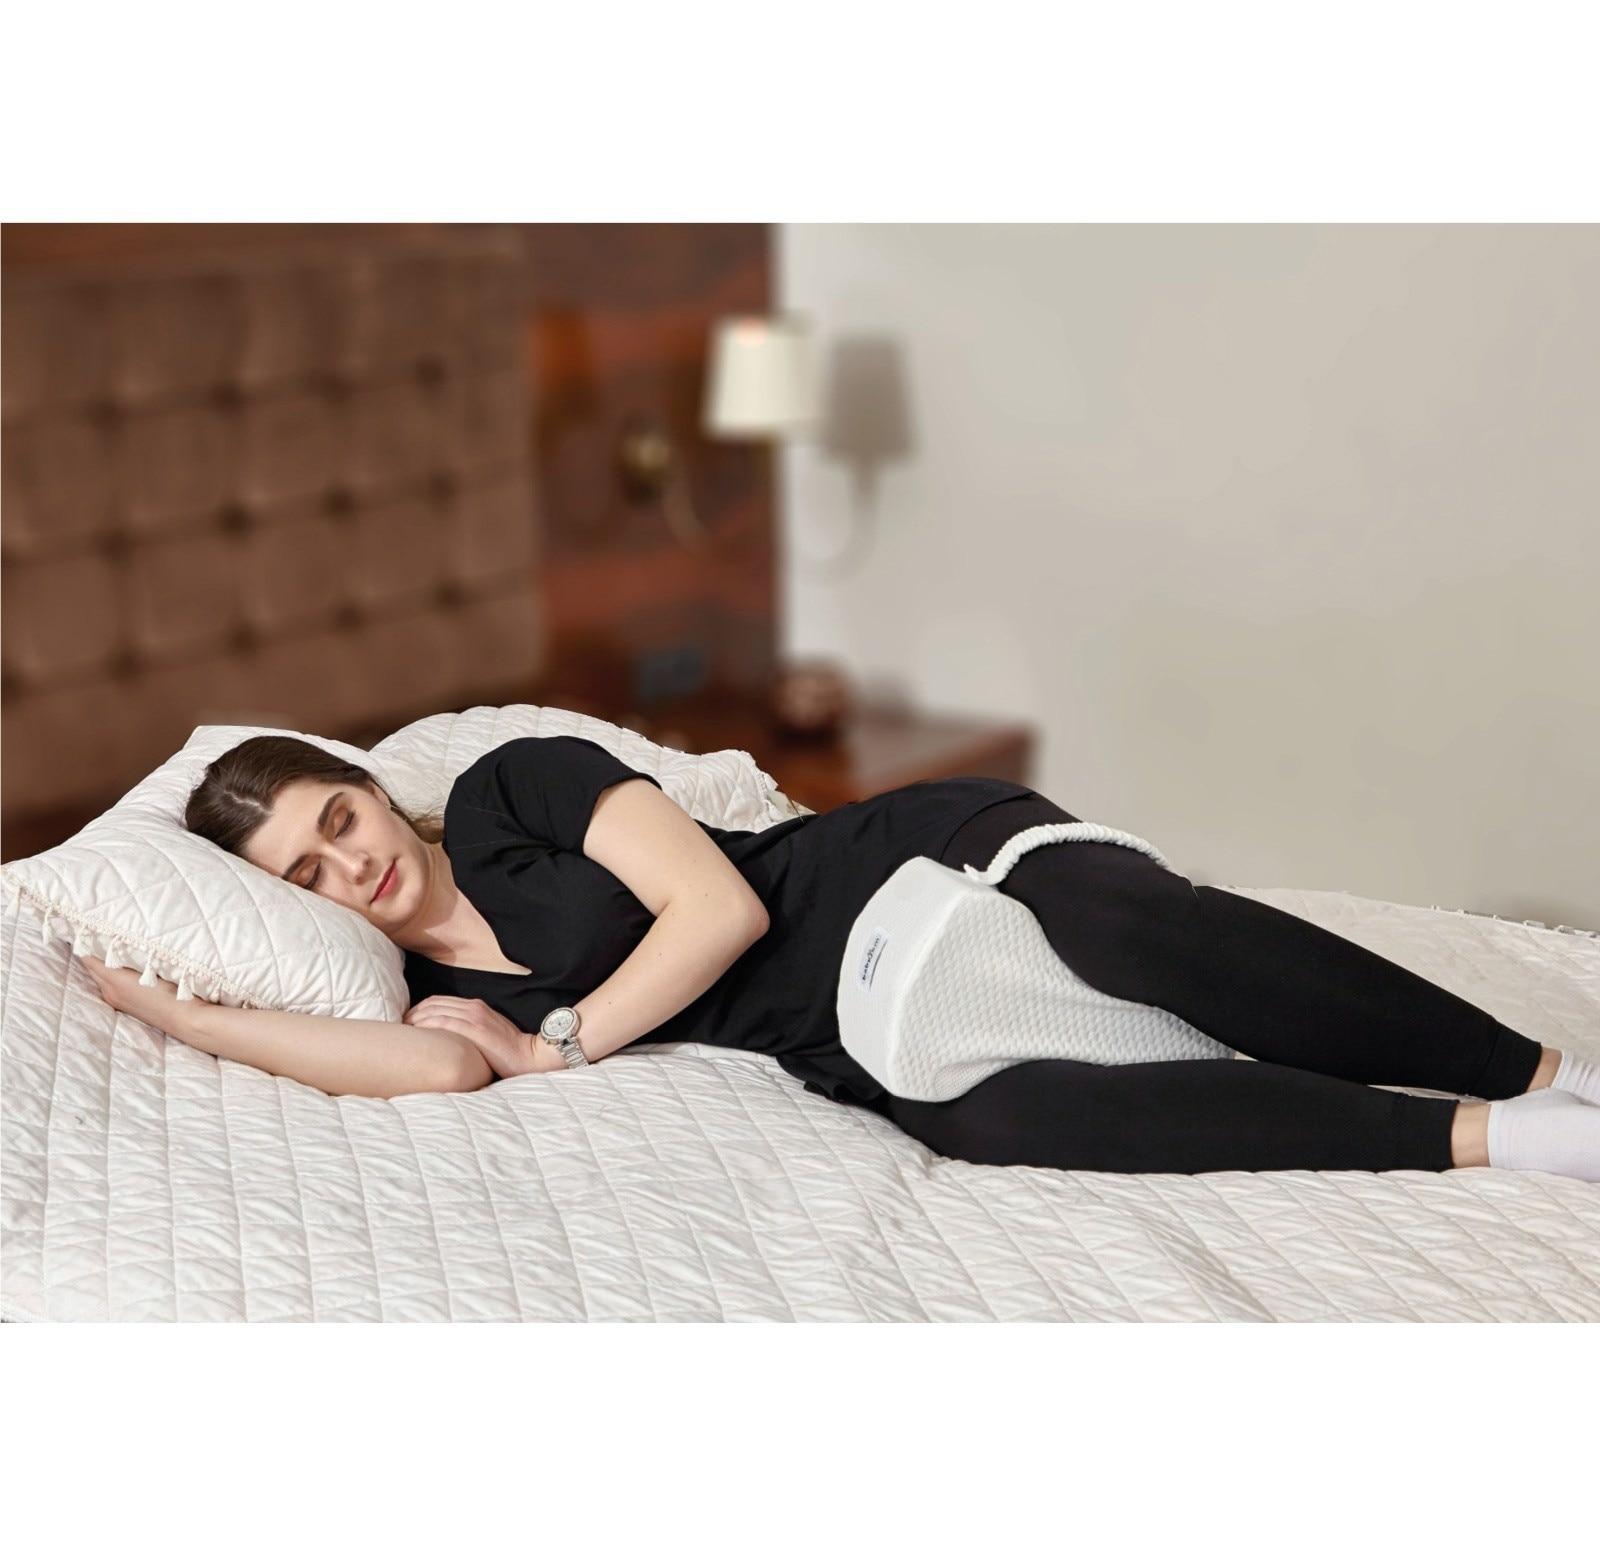 Ebebek Babyjem Maternity & Pregnant Knee Pillow